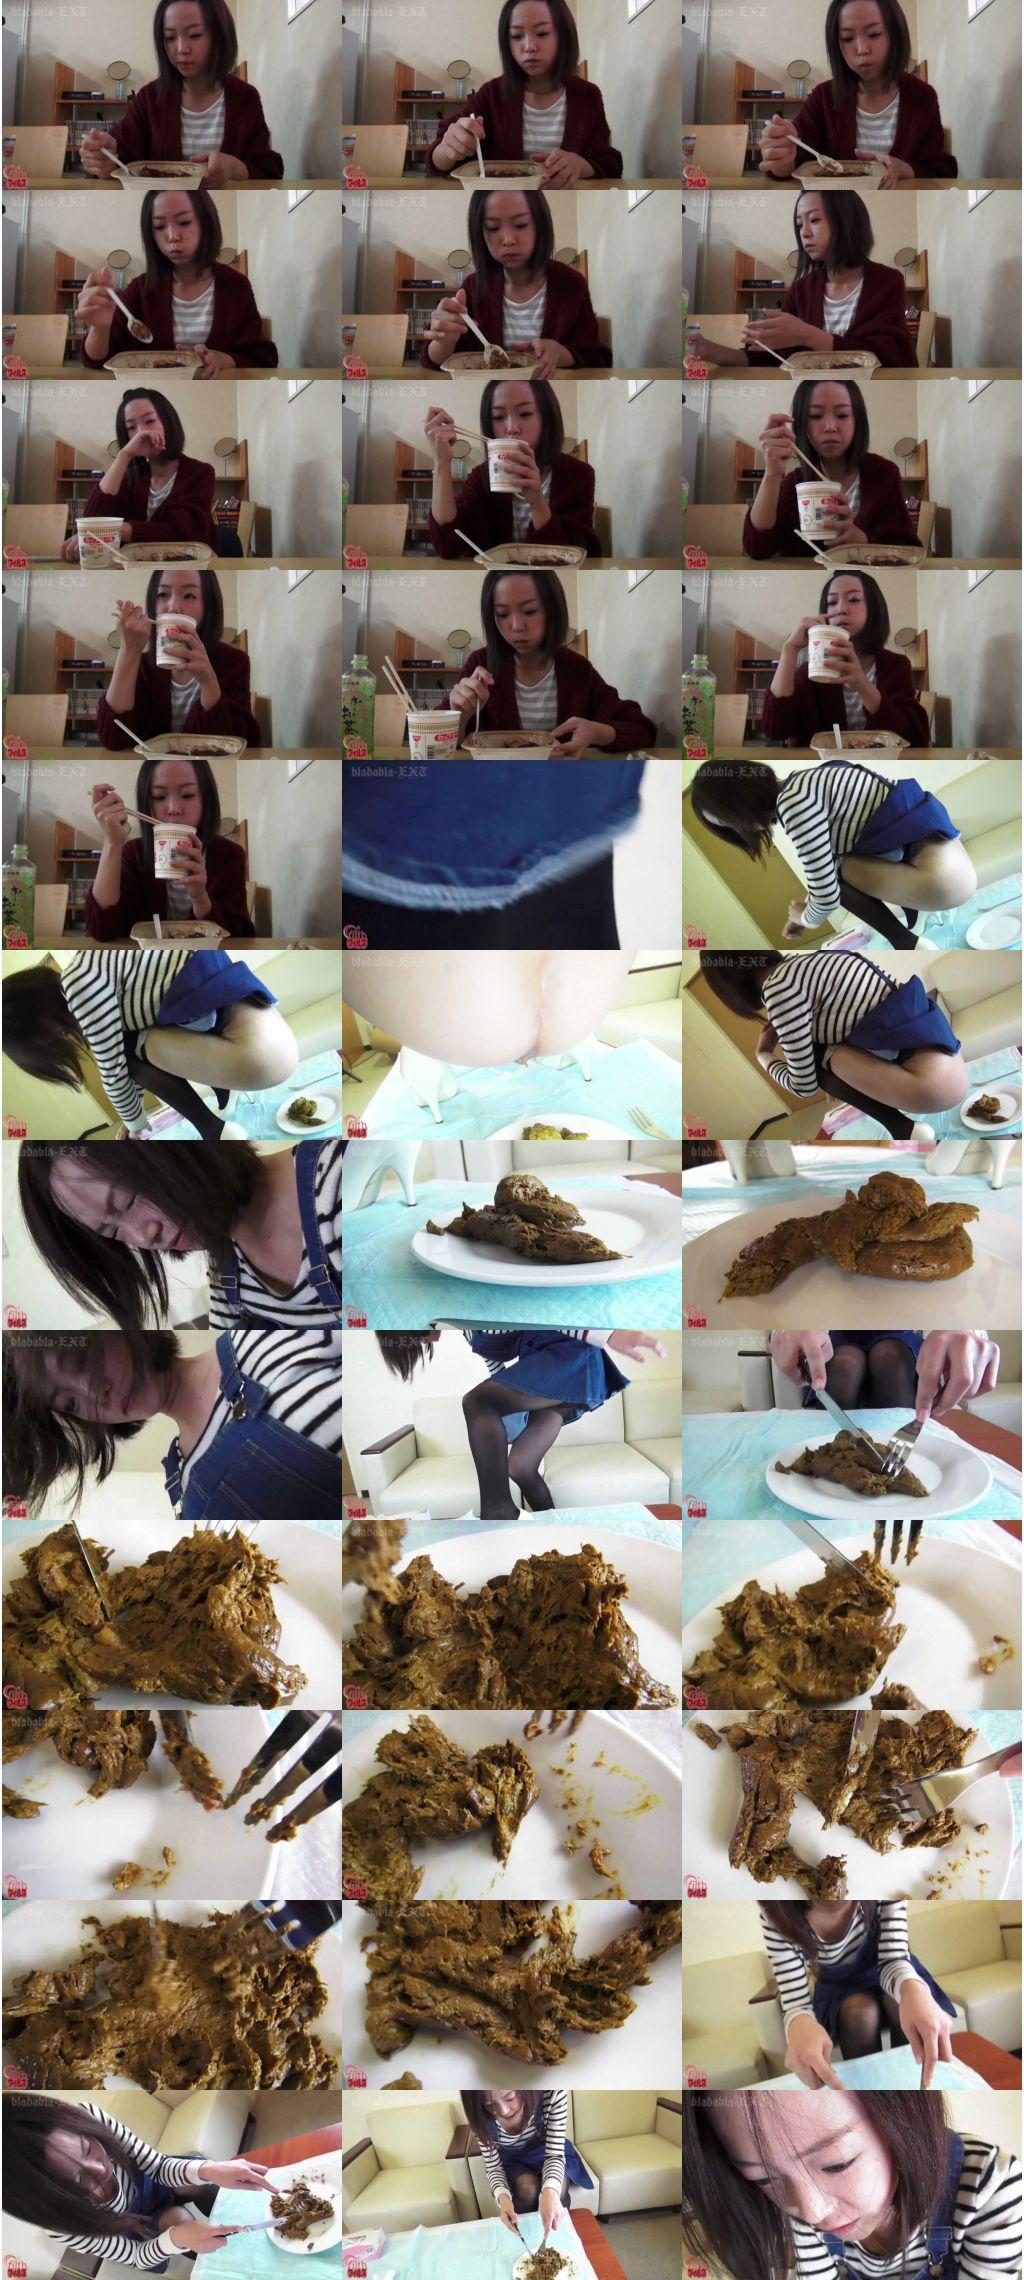 [FF-111] 彼女の食事とそのうんこ3 スカトロ Scat  ジェイド  defecation